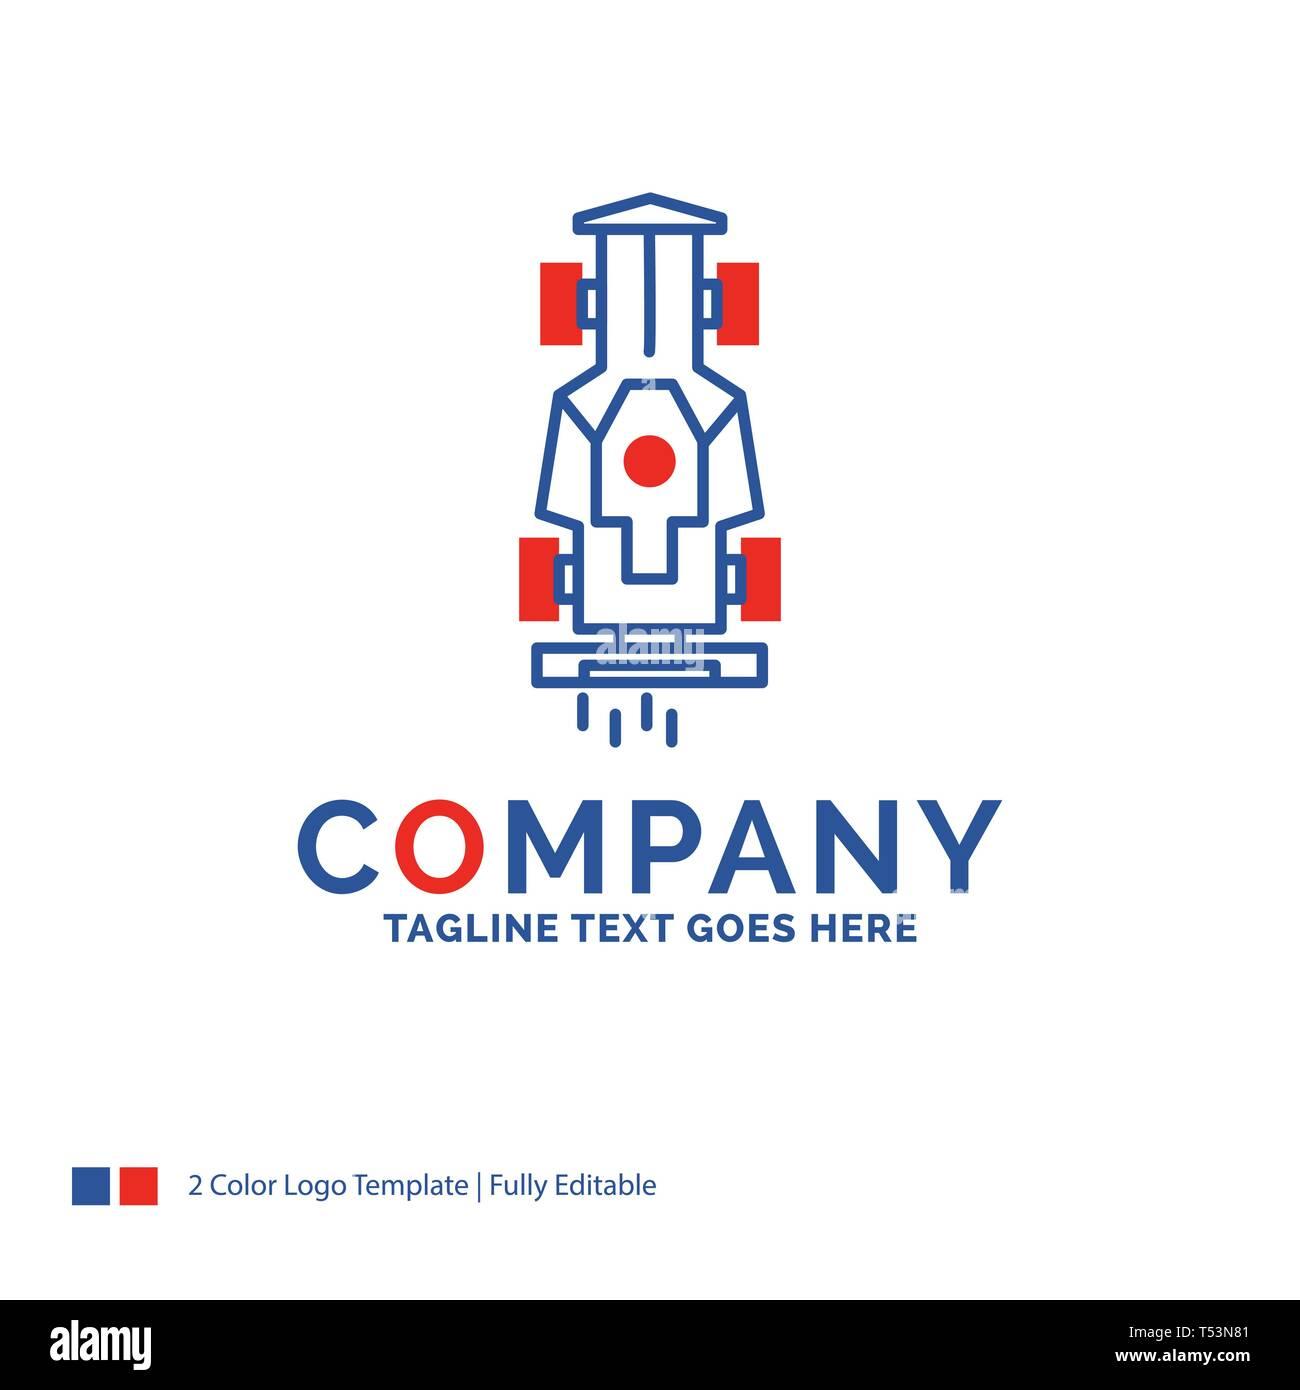 company name logo design